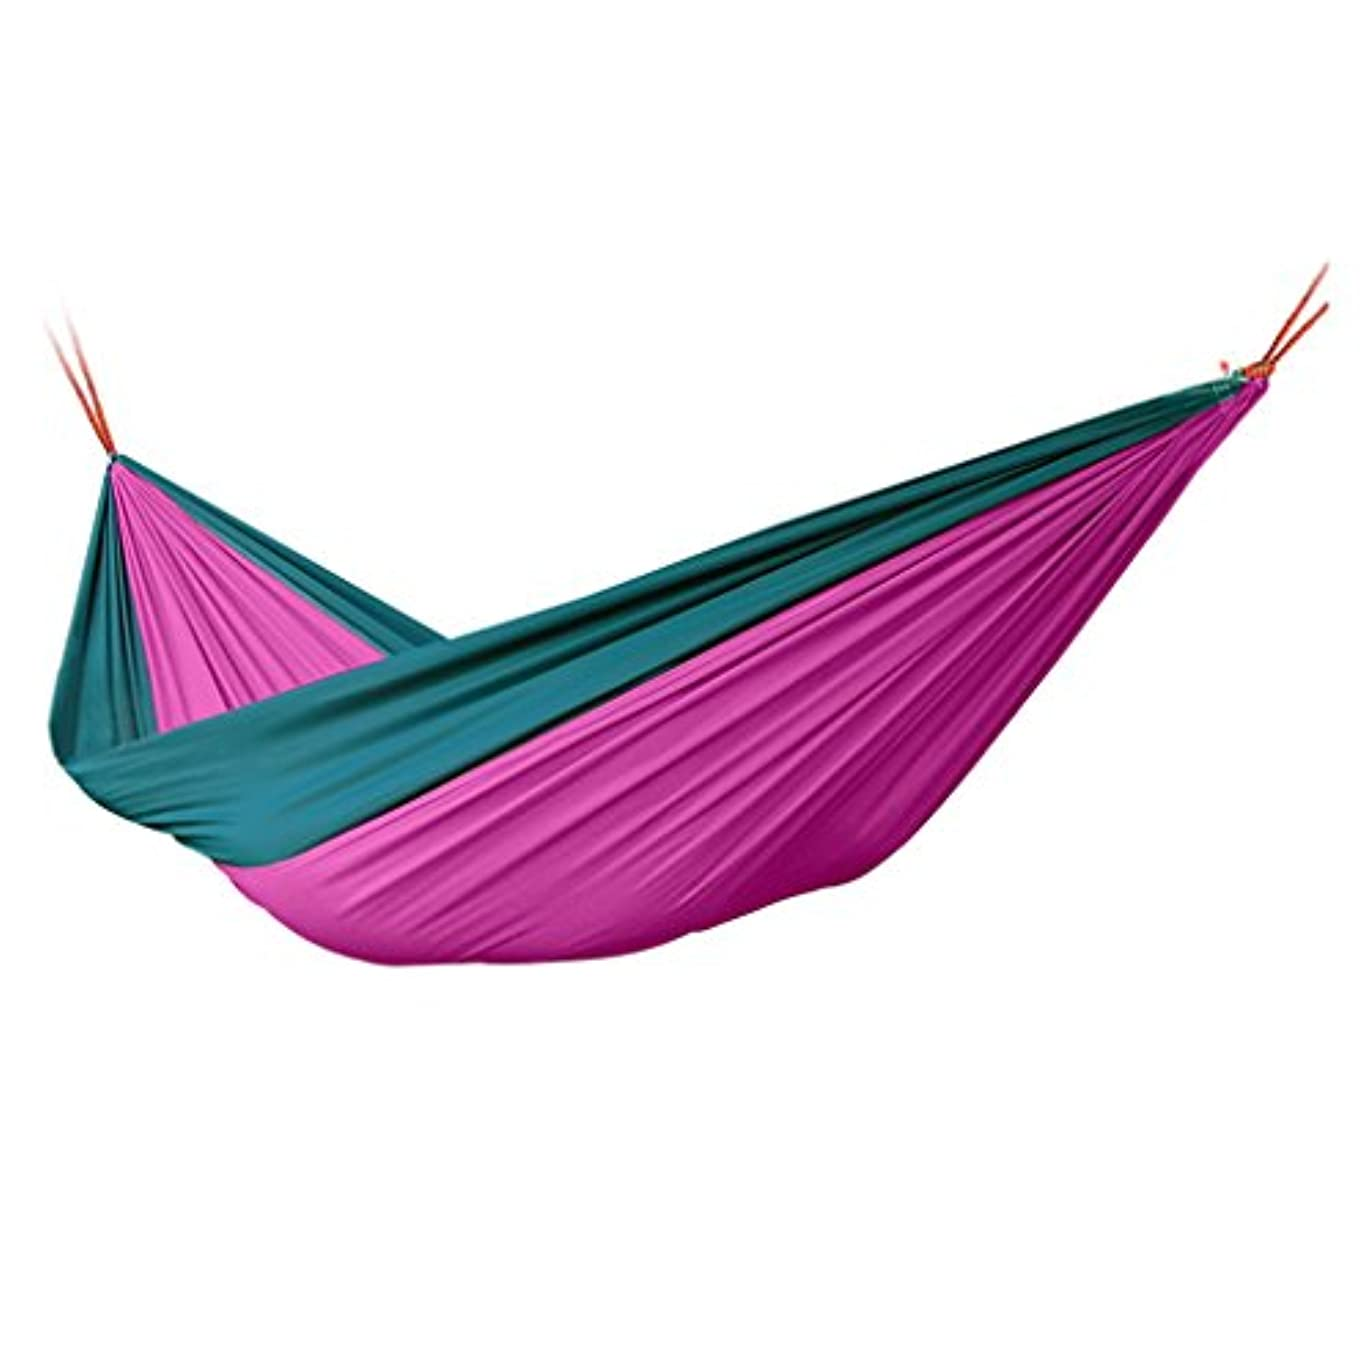 乳白困惑変形する屋内と屋外ポータブルハンモックハンモック紫レジャーガーデンハンモック (Size : 90cm/35.4inch)